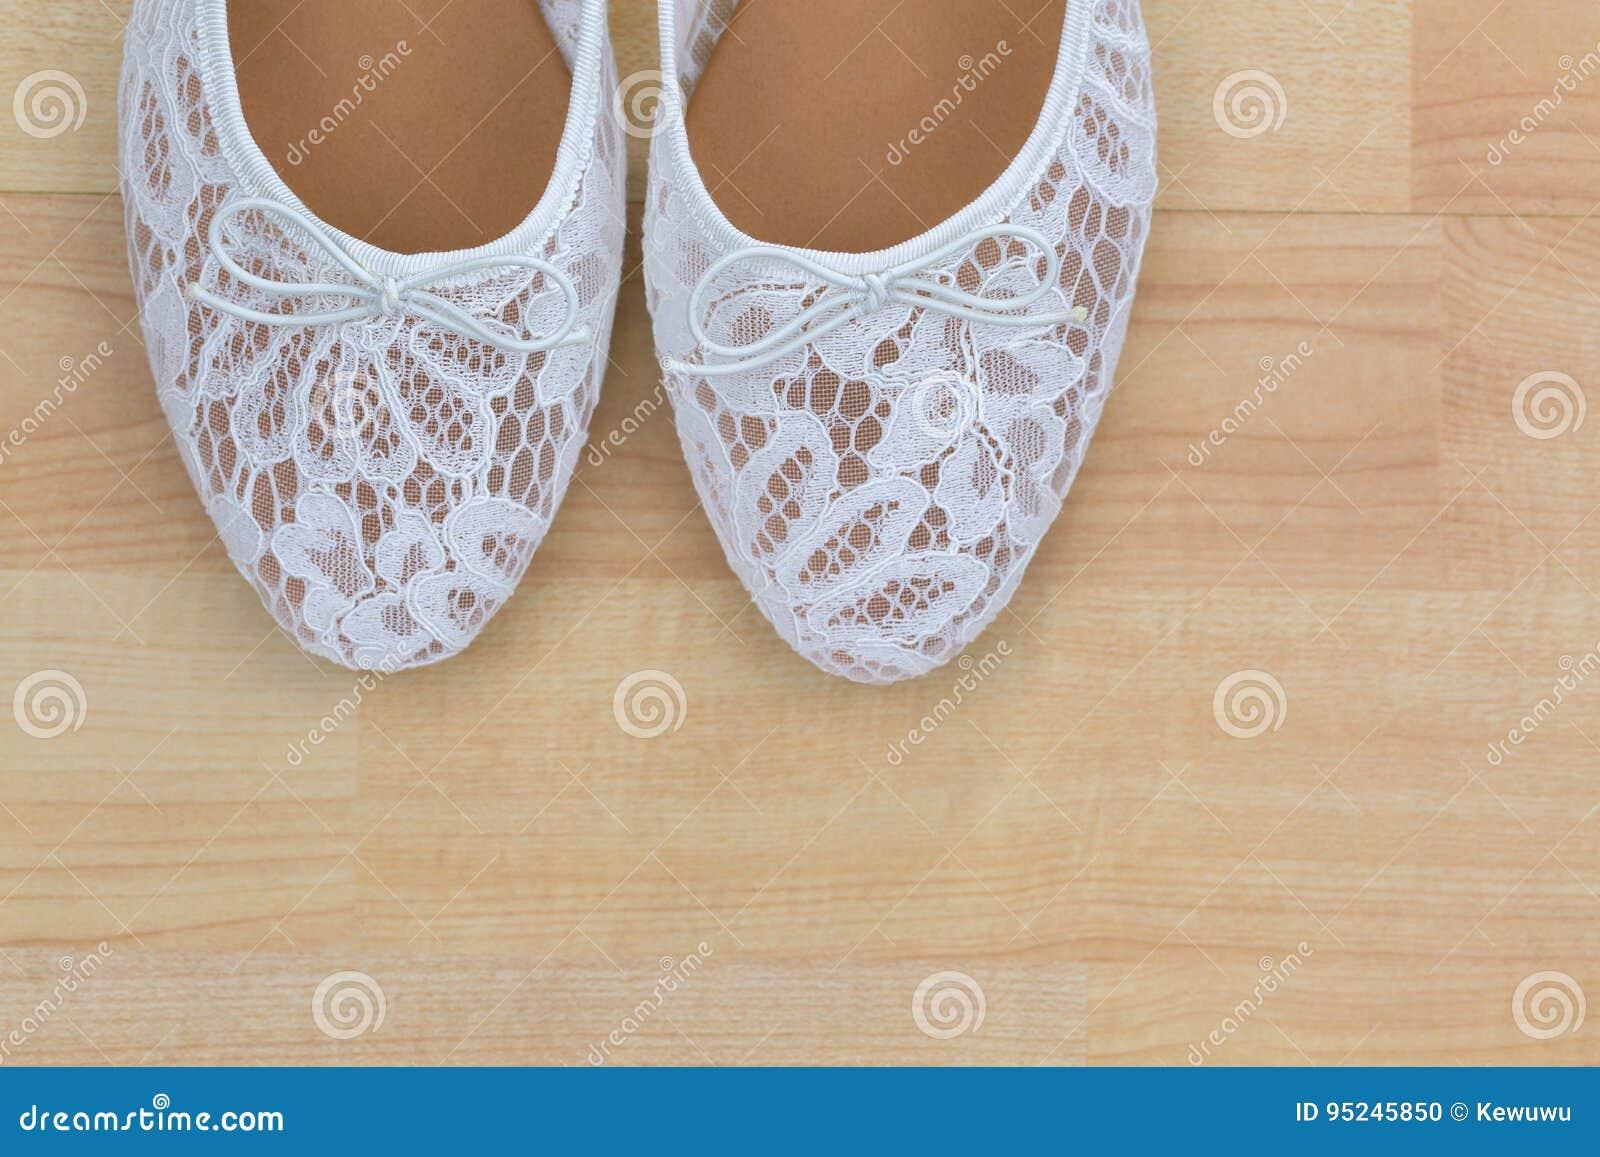 Resbalón plano del ballet floral blanco del cordón en los zapatos en fondo de madera